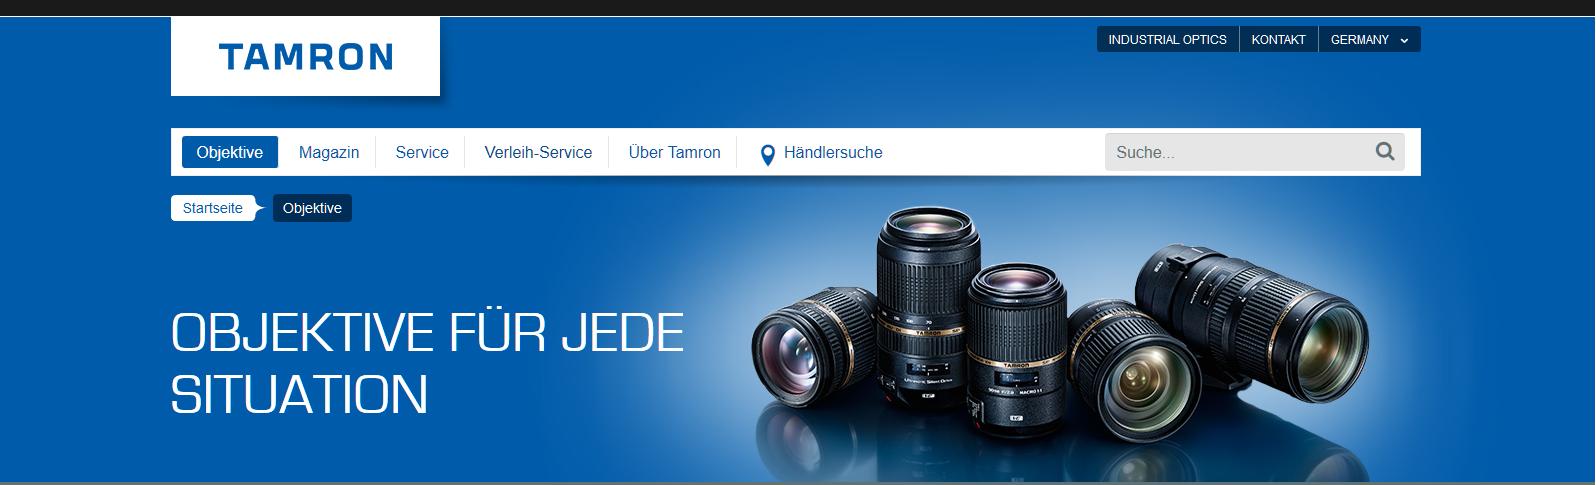 Neue Firmware für Tamron Objektive für Nikon Z6 & 7 Nutzung.